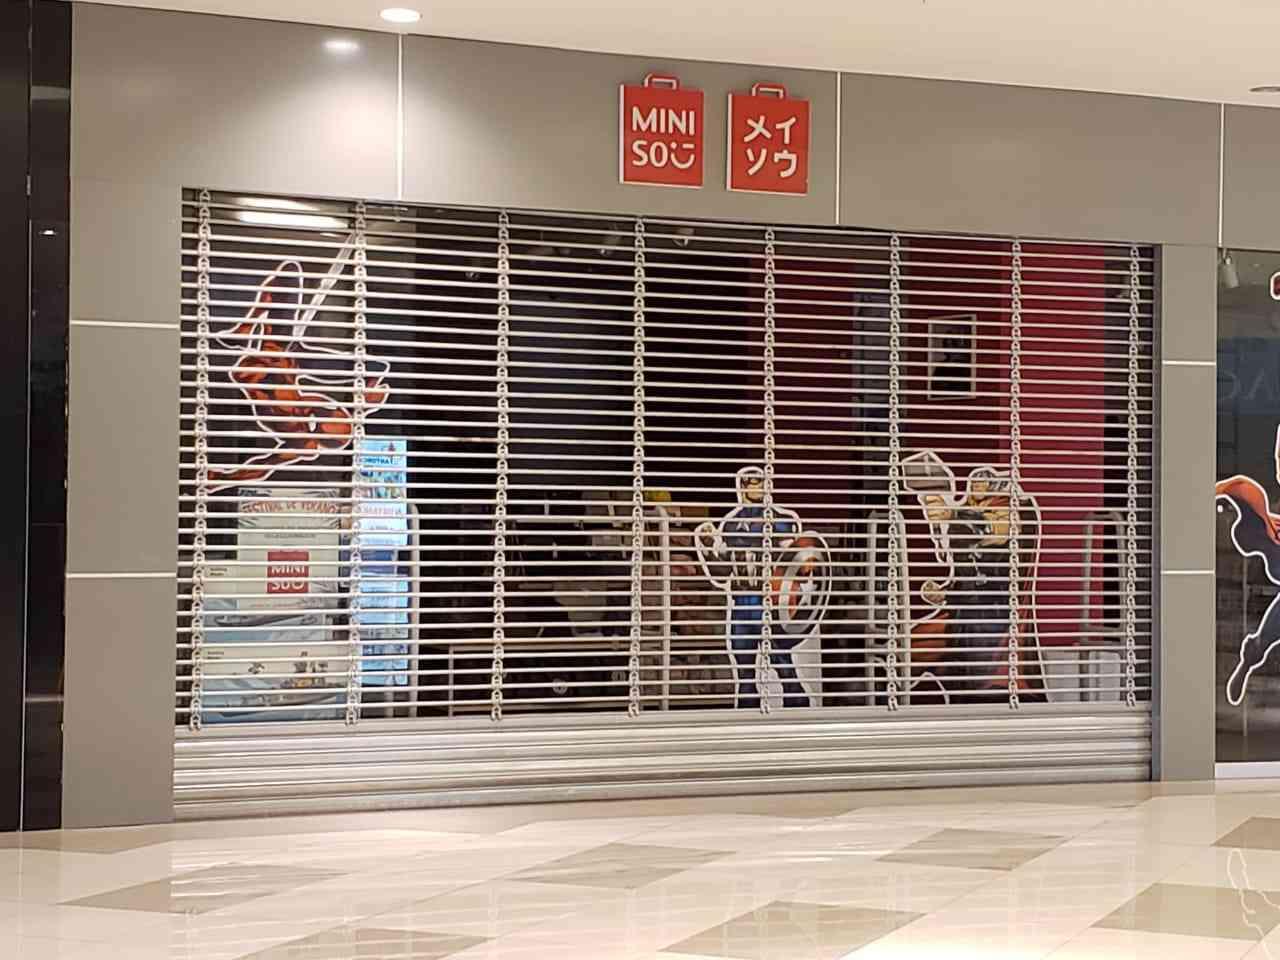 cortina arrollable tubular instalada en una tienda de centro comercial